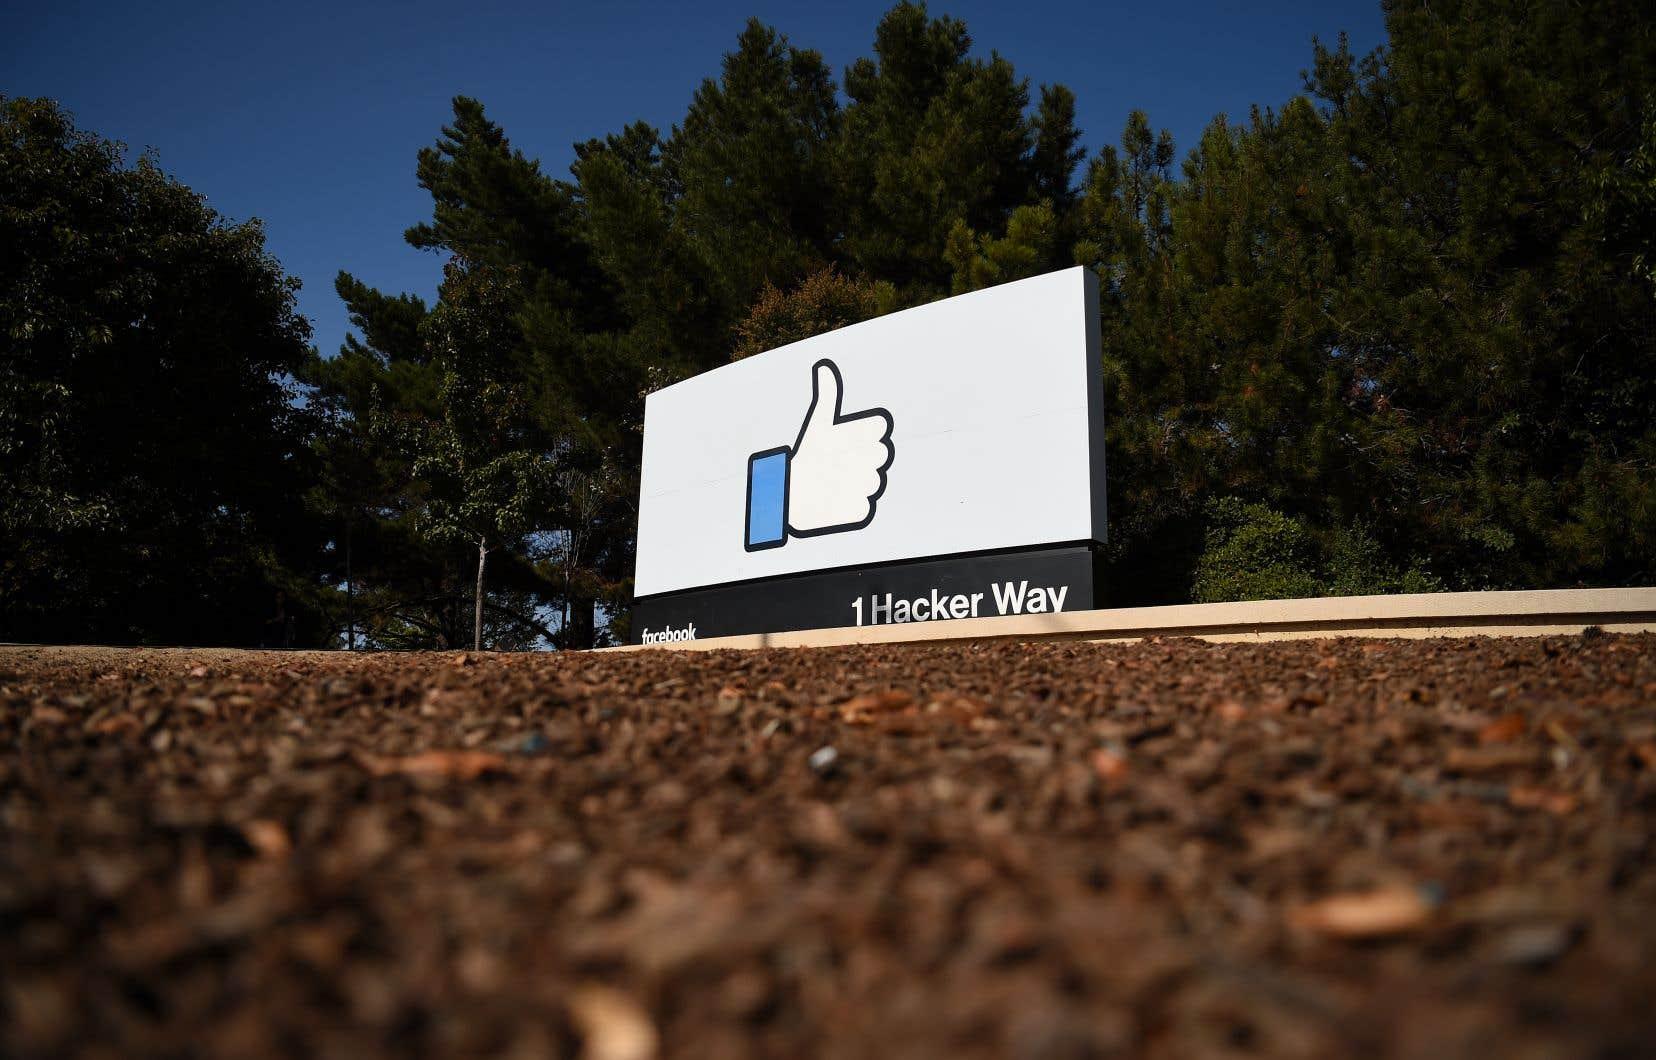 Facebook a été vivement critiqué après des révélations ces dernières années sur la manière dont il collecte et utilise les données.